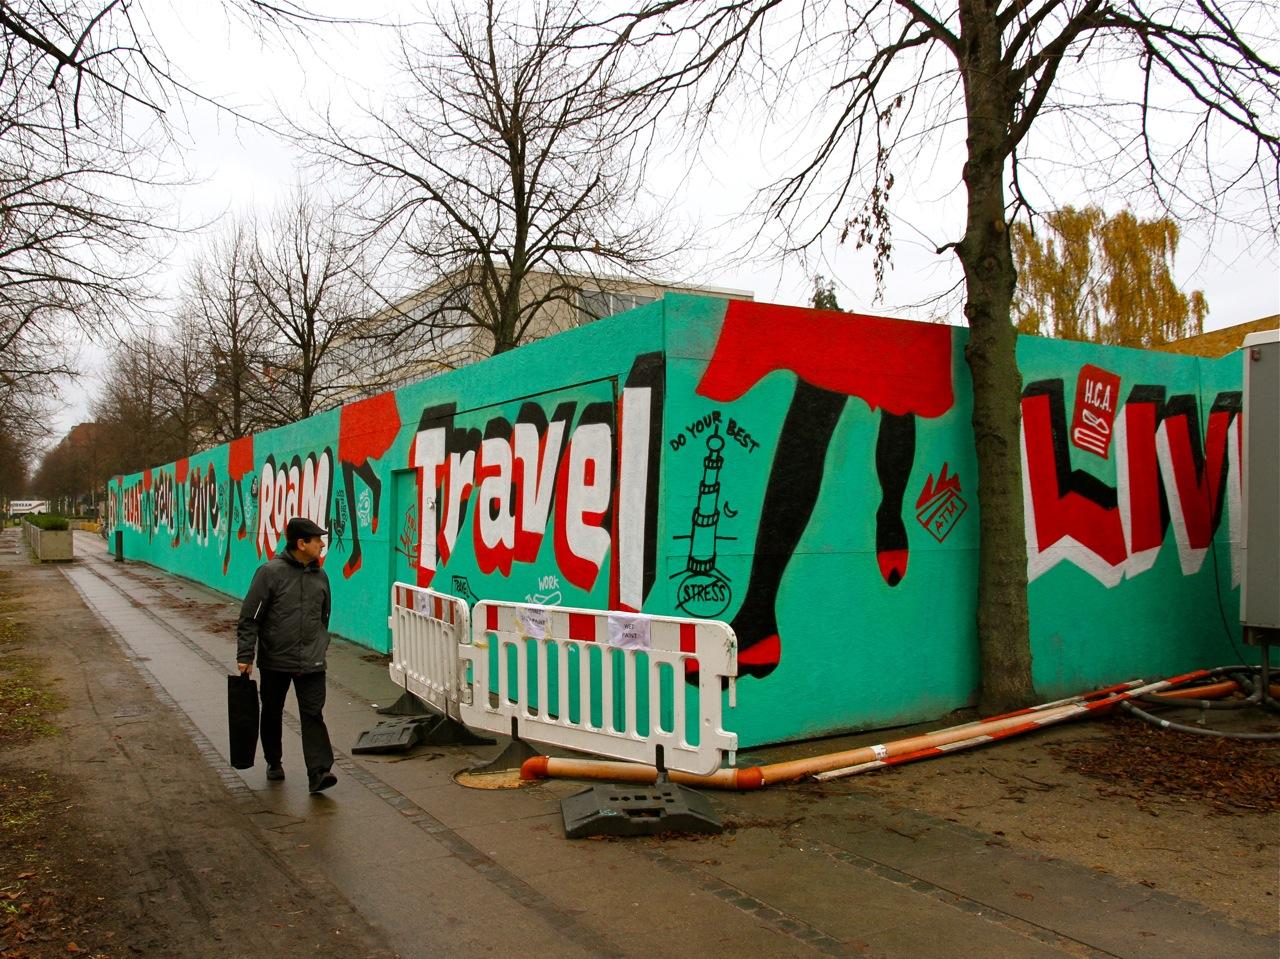 espo-new-mural-in-copenaghen-11